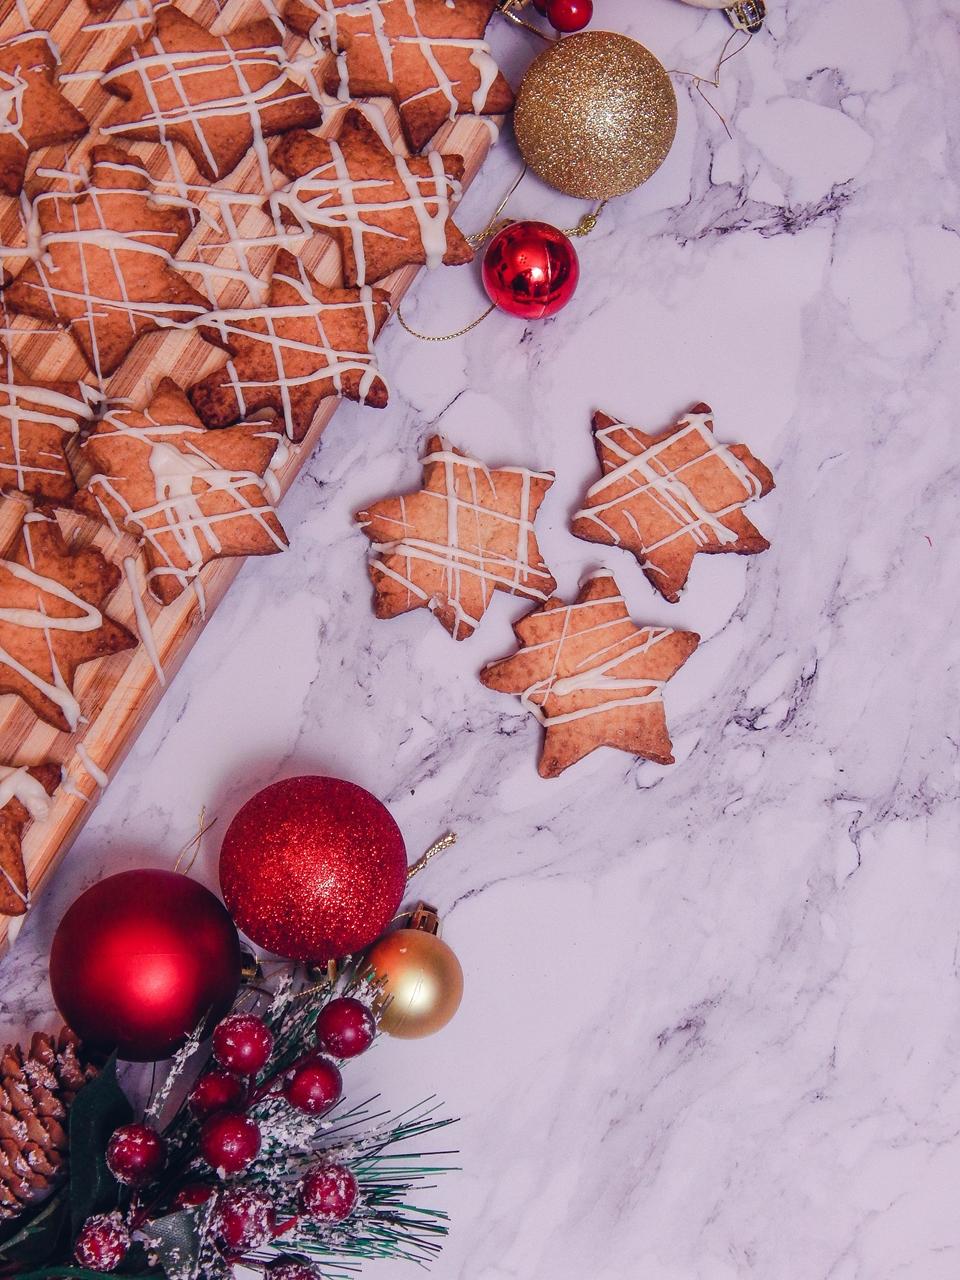 6 Pierniczki inaczej, prosty szybki, łatwy przepis na pierniki ciastka kruche, świąteczne ciastka, ciastka na choinkę jak zrobić pierniki ciastka gwiazdki, blog kulinarny łódź, lifestyle melodylaniella